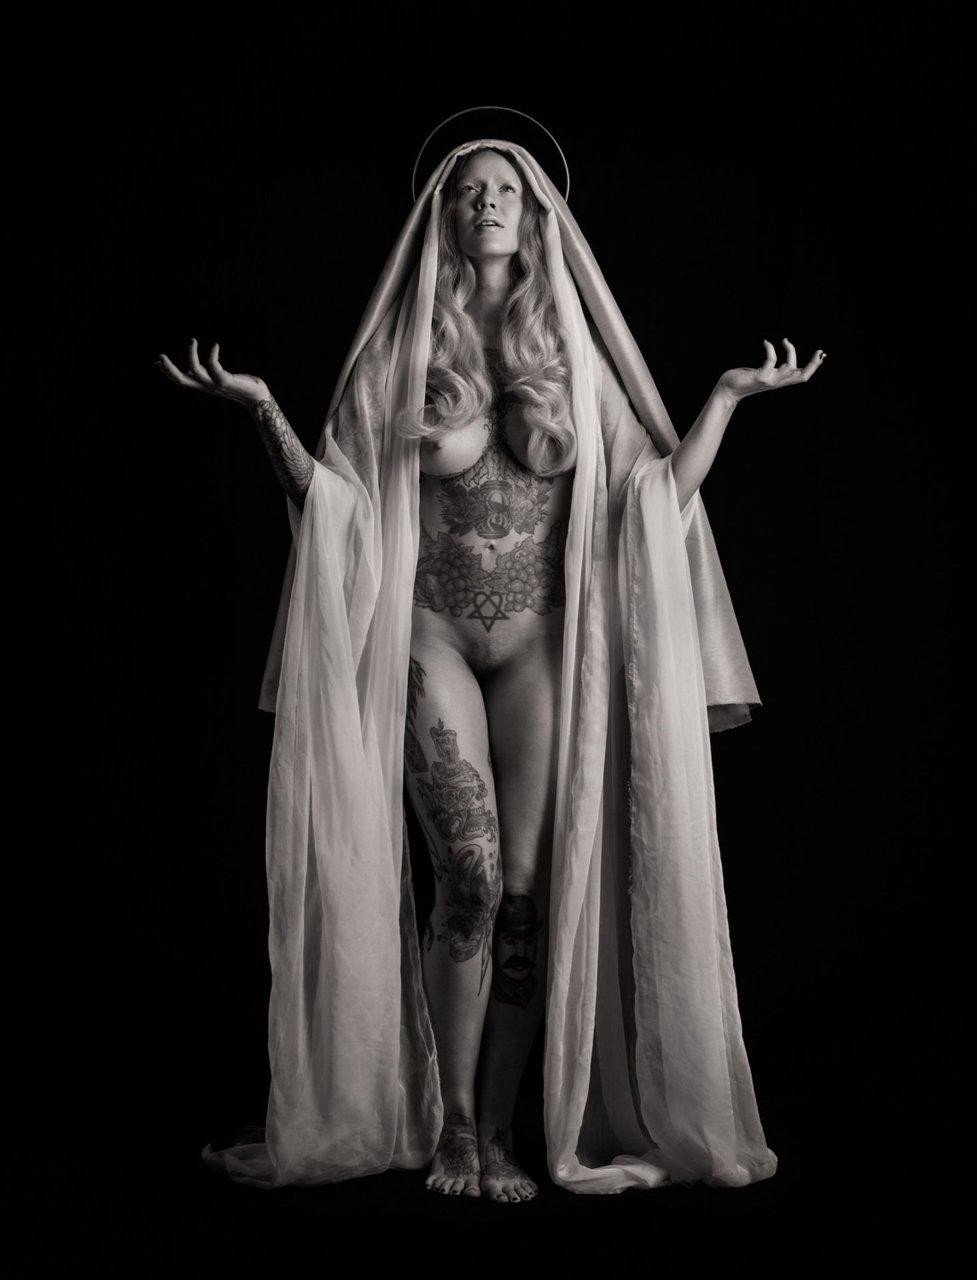 nude virgin mary pics